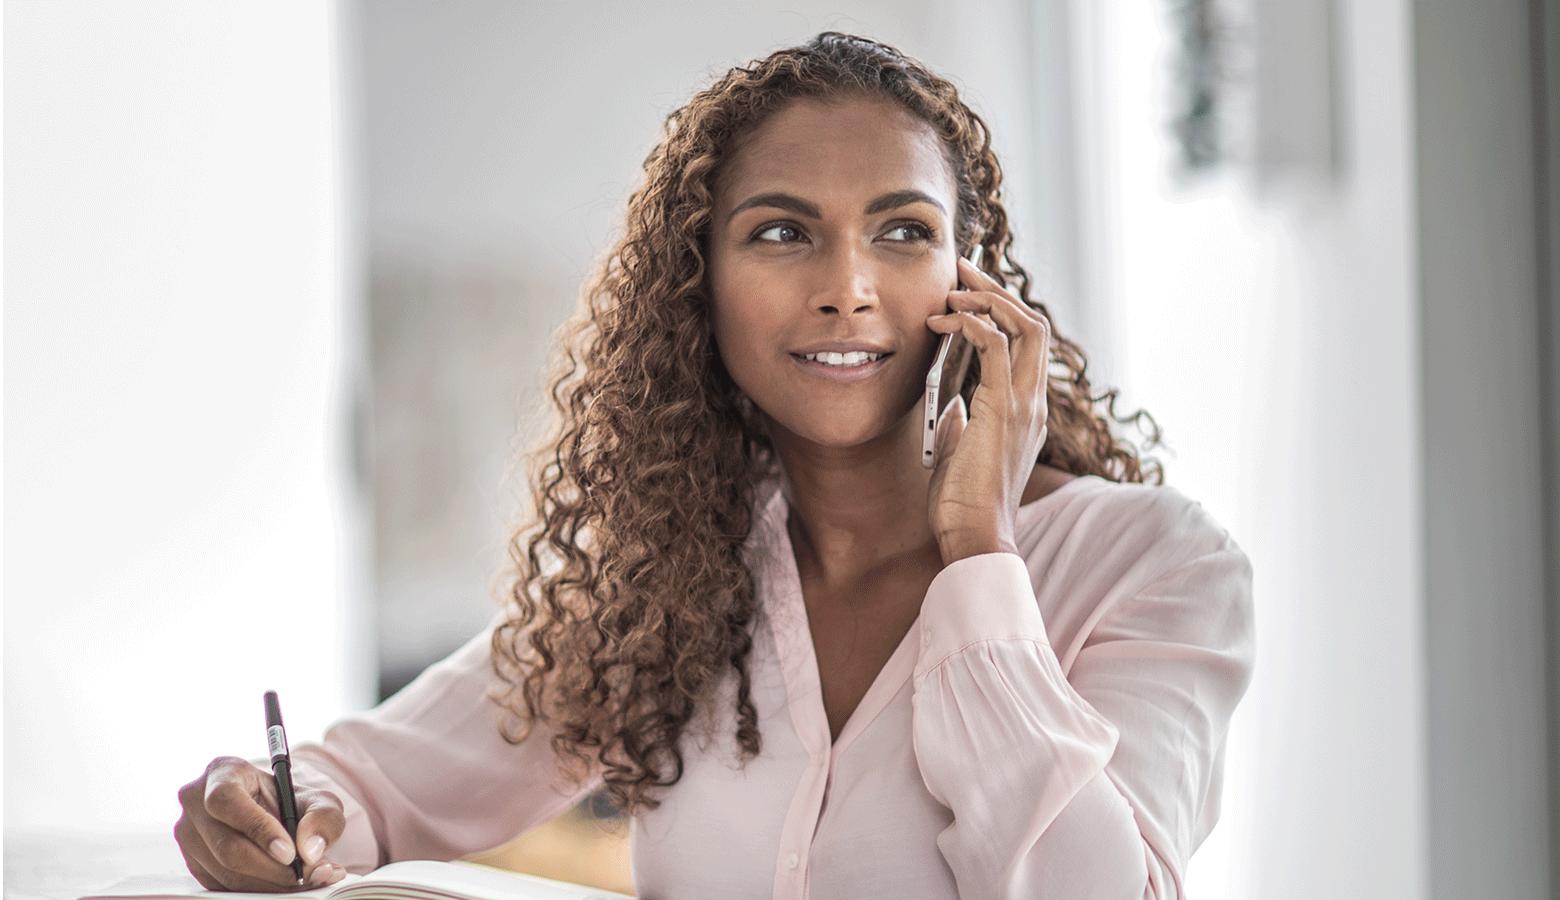 Mulher de cabelos curtos, falando ao telefone